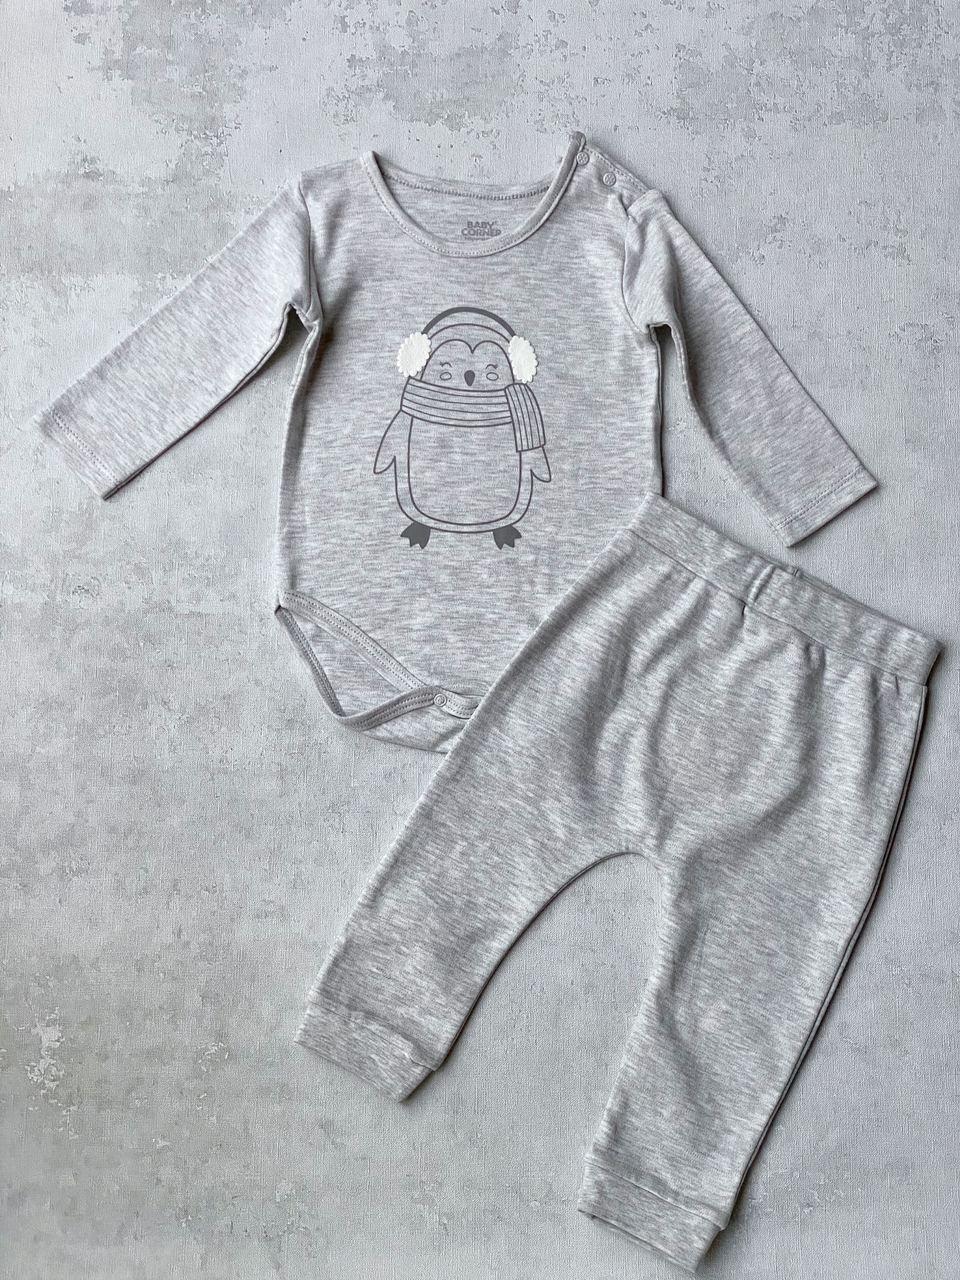 Комплект боді і штани, унісекс, розмір 9/12 міс